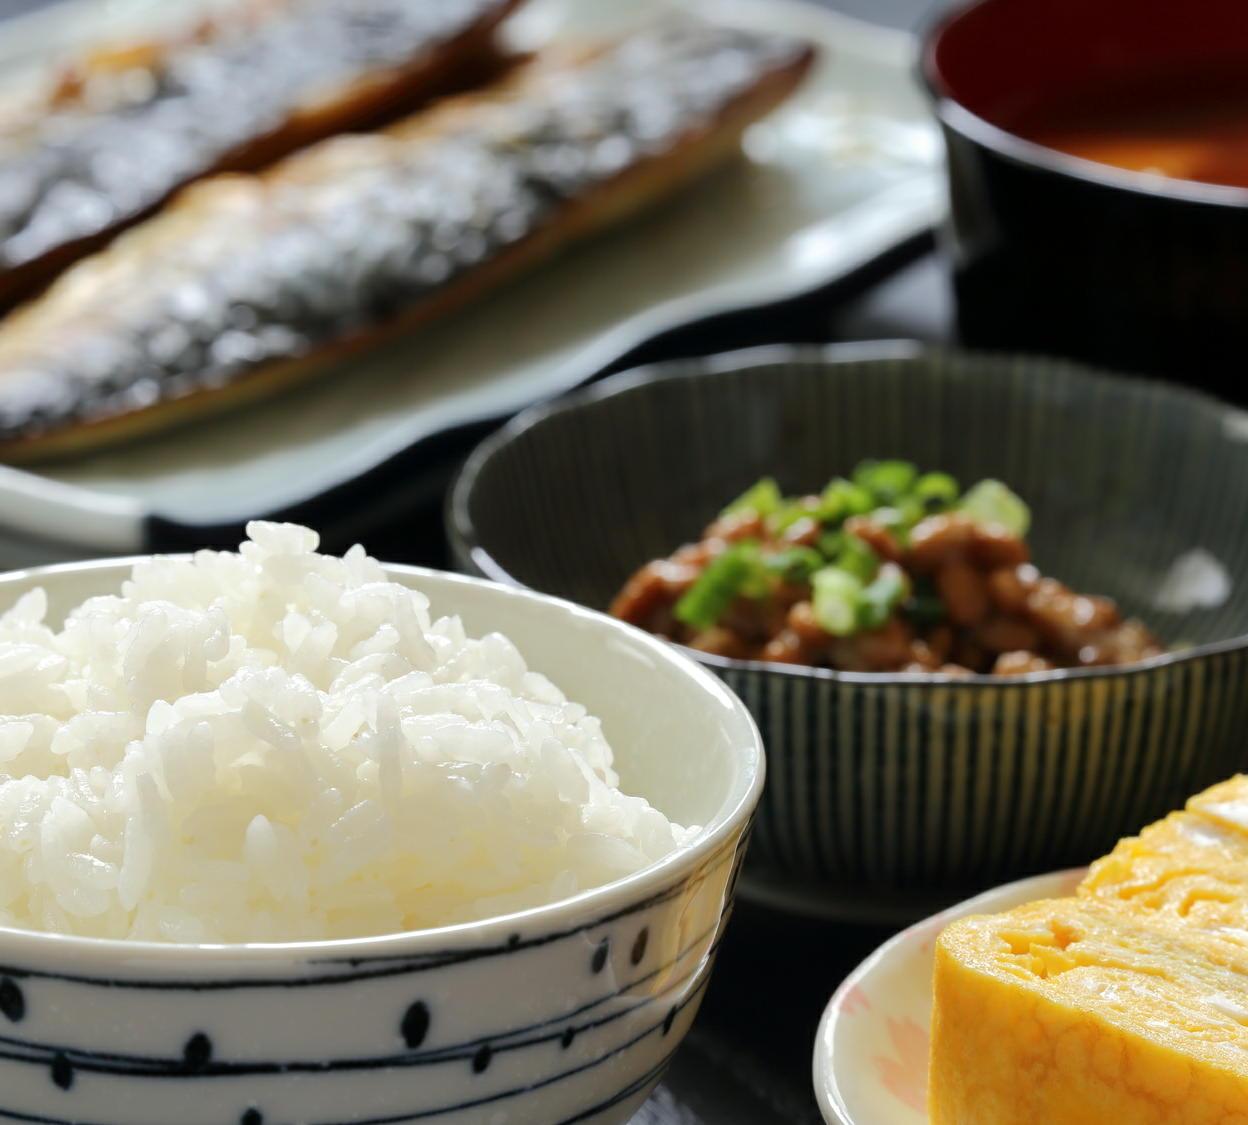 日本食に認知症を予防する効果 認知症を予防する食事スタイルが判明